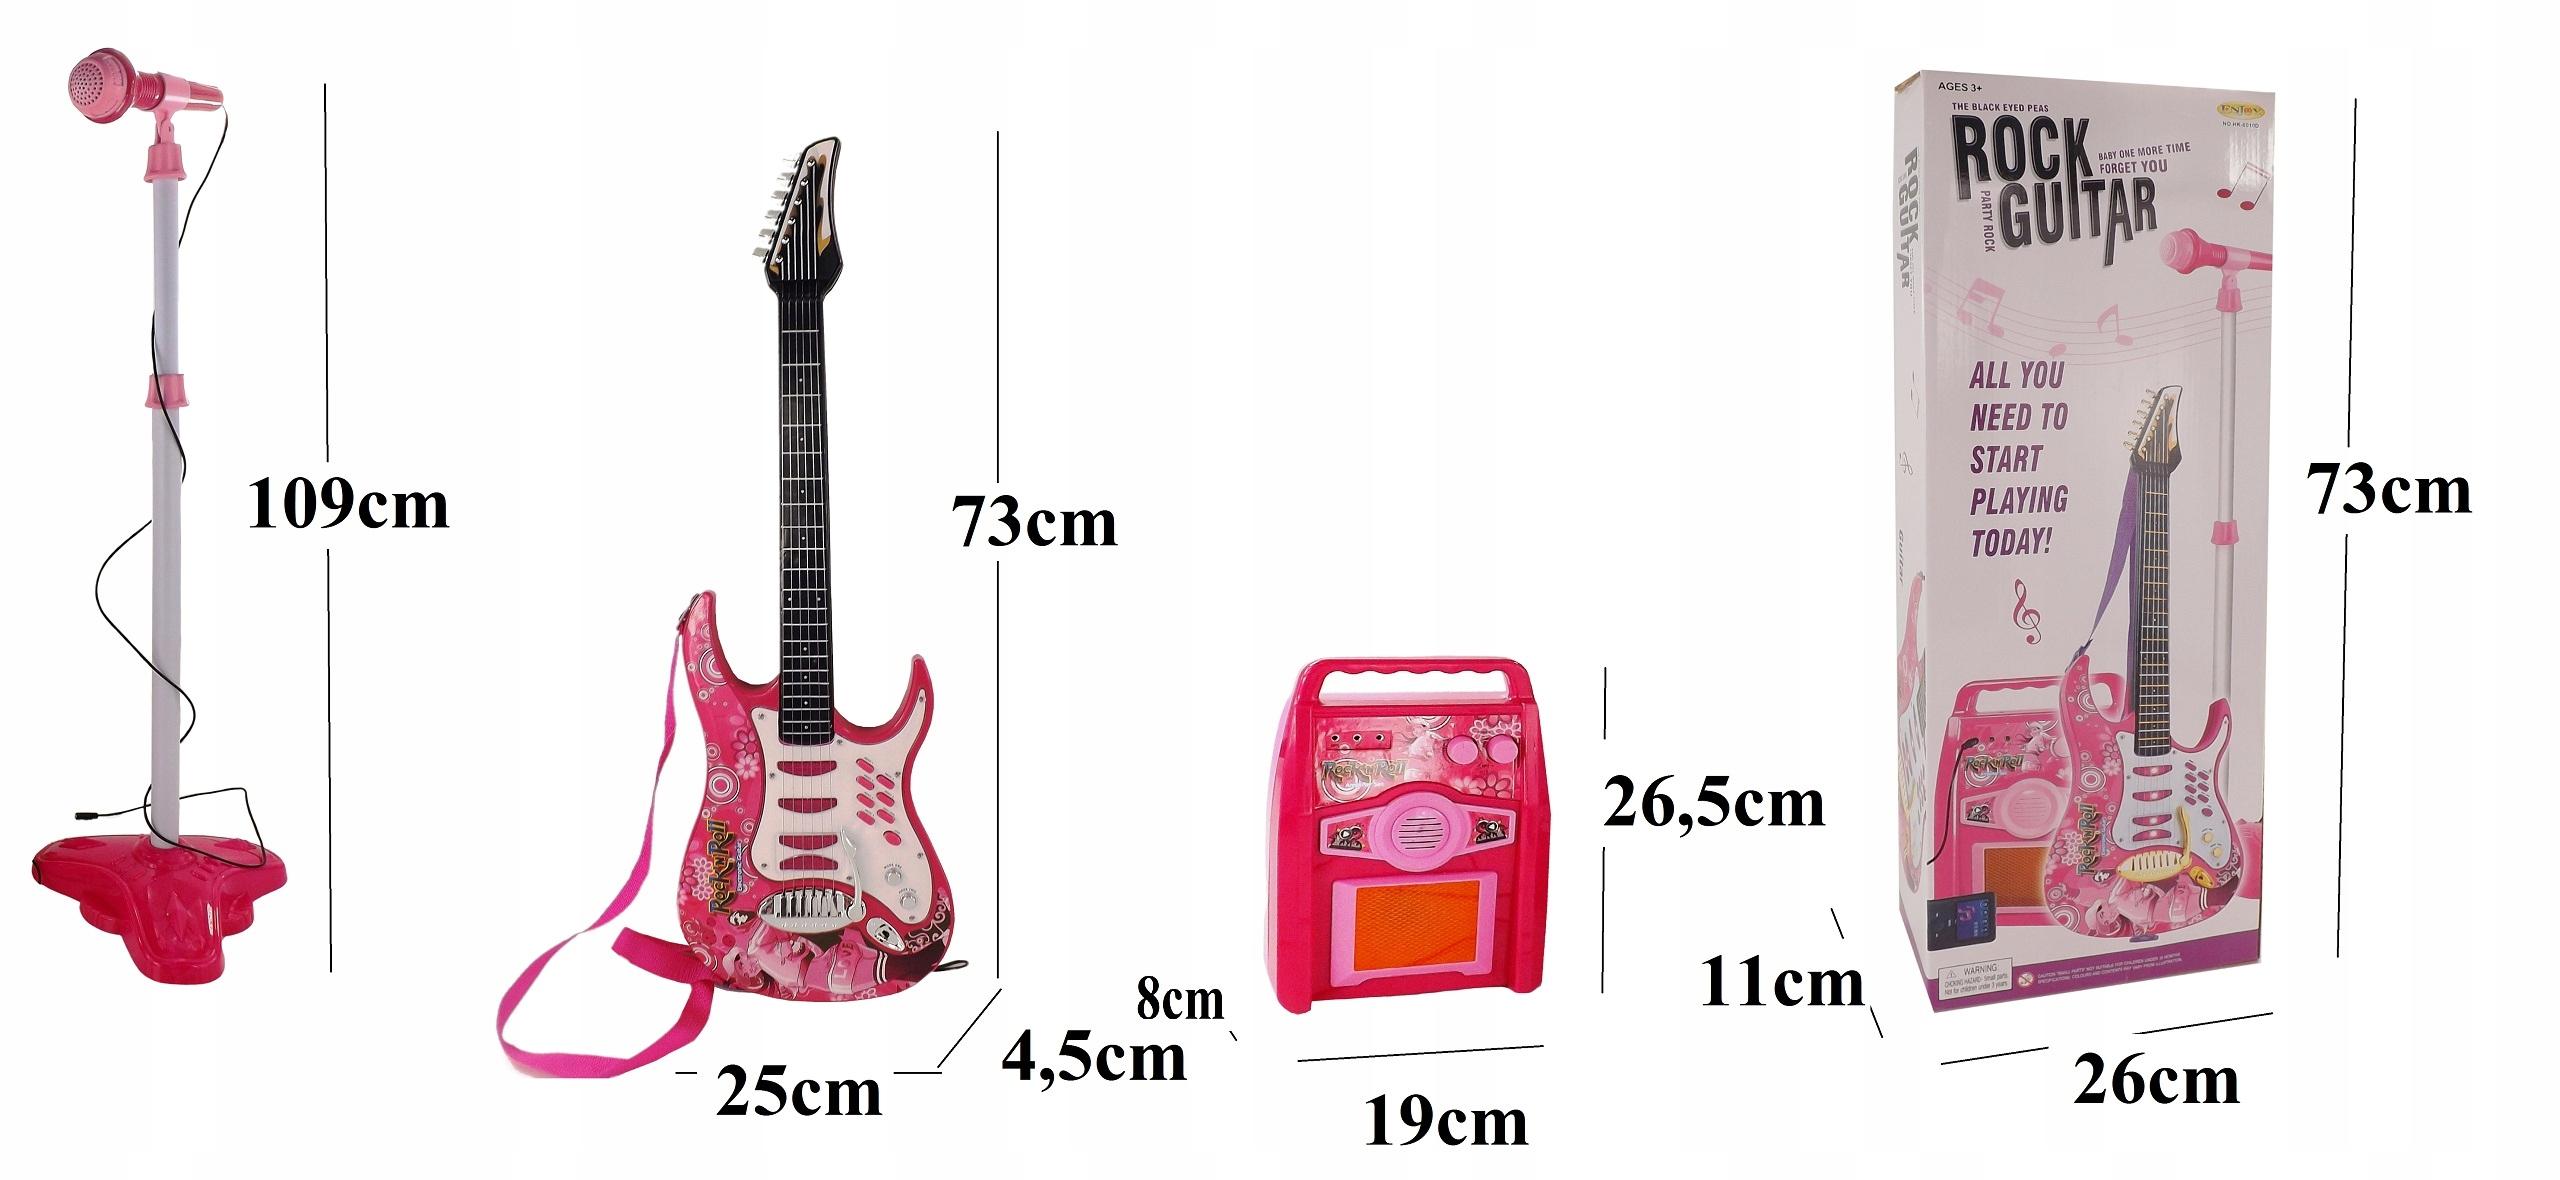 GITARA ELEKTRYCZNA WZMACNIACZ MIKROFON 8010R Wysokość produktu 73 cm